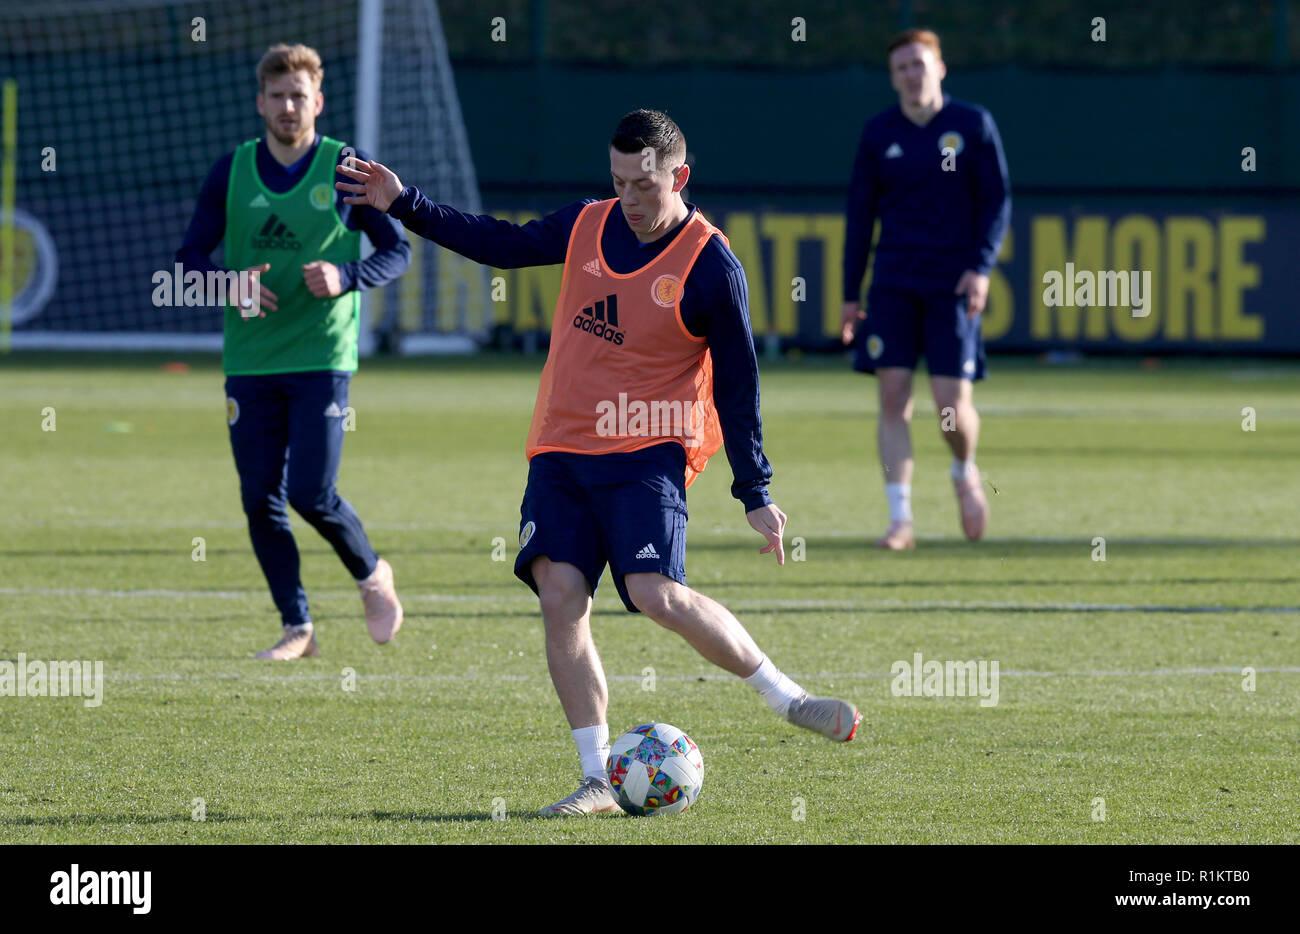 Scotland's Callum McGregor during the training session in Edinburgh. - Stock Image